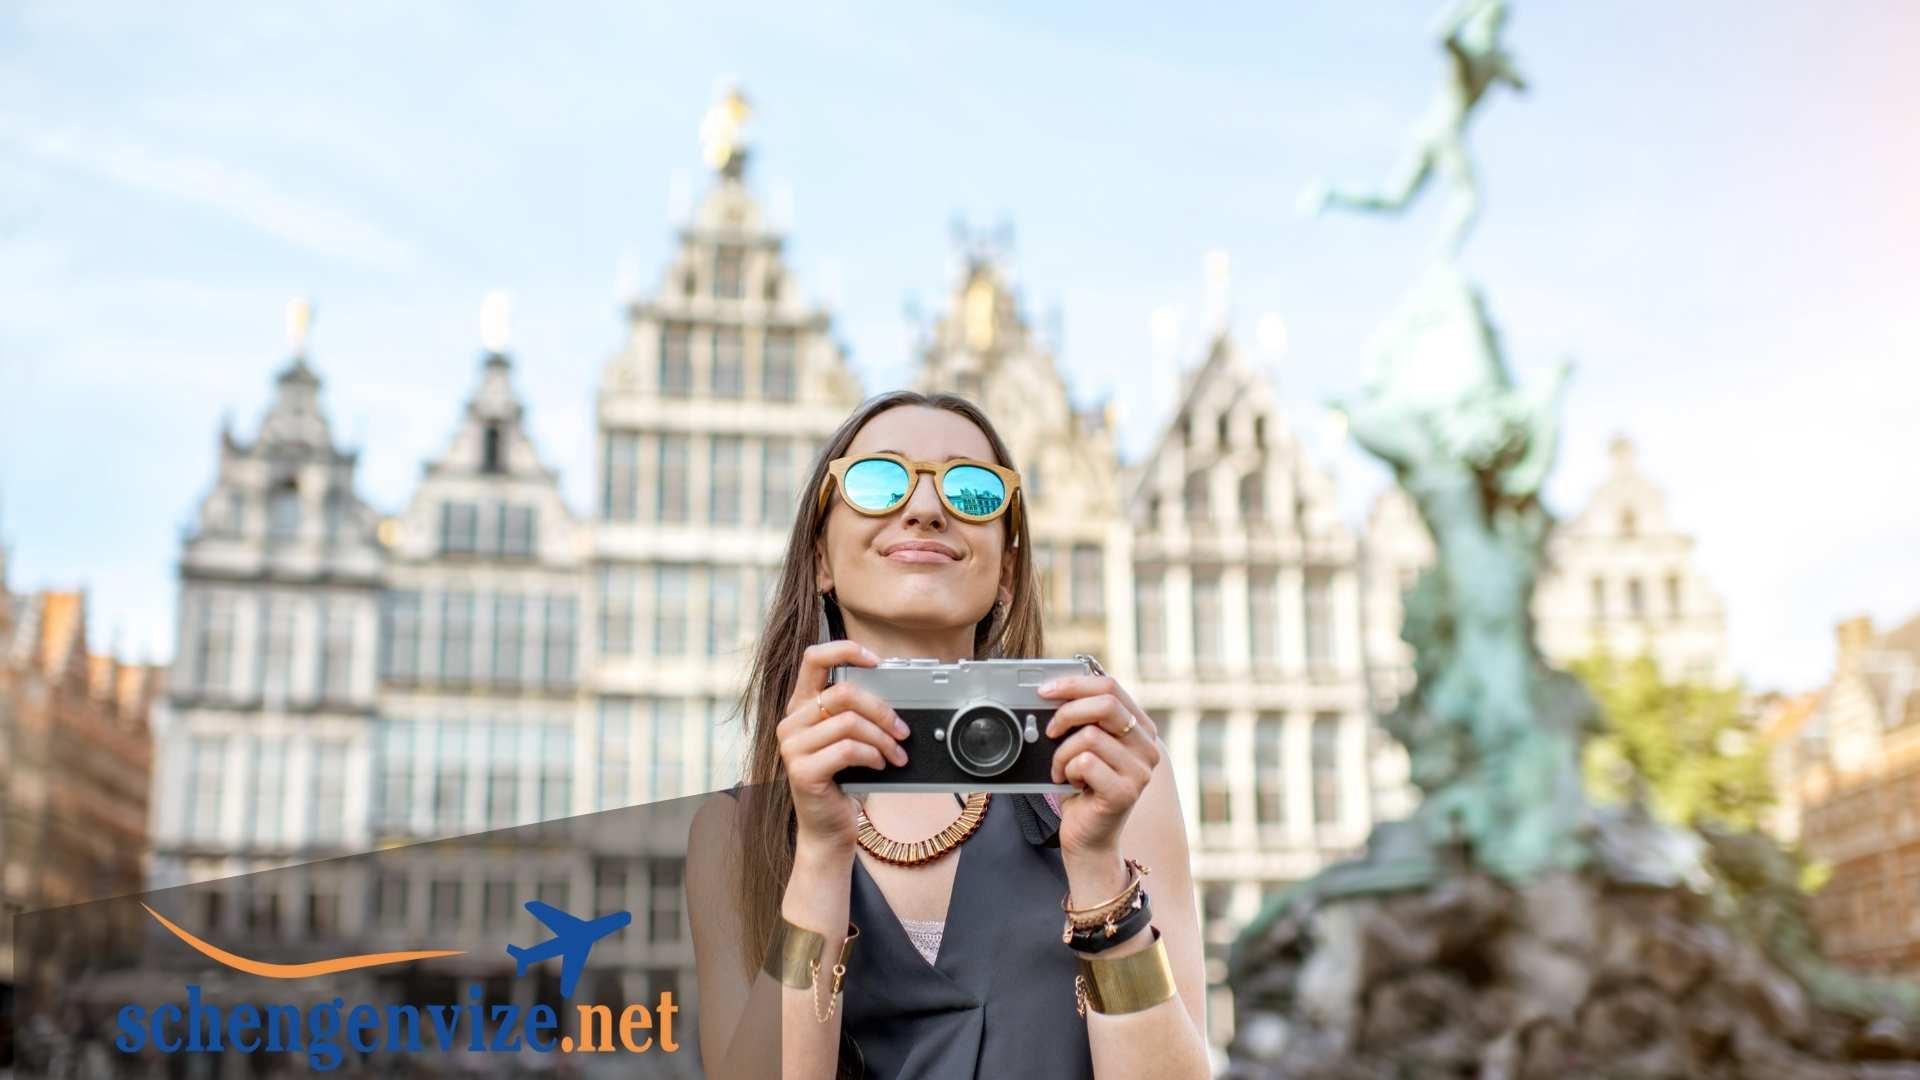 Belçika Turistik Vize İşlemleri Ne Kadar Sürede Sonuçlanır?